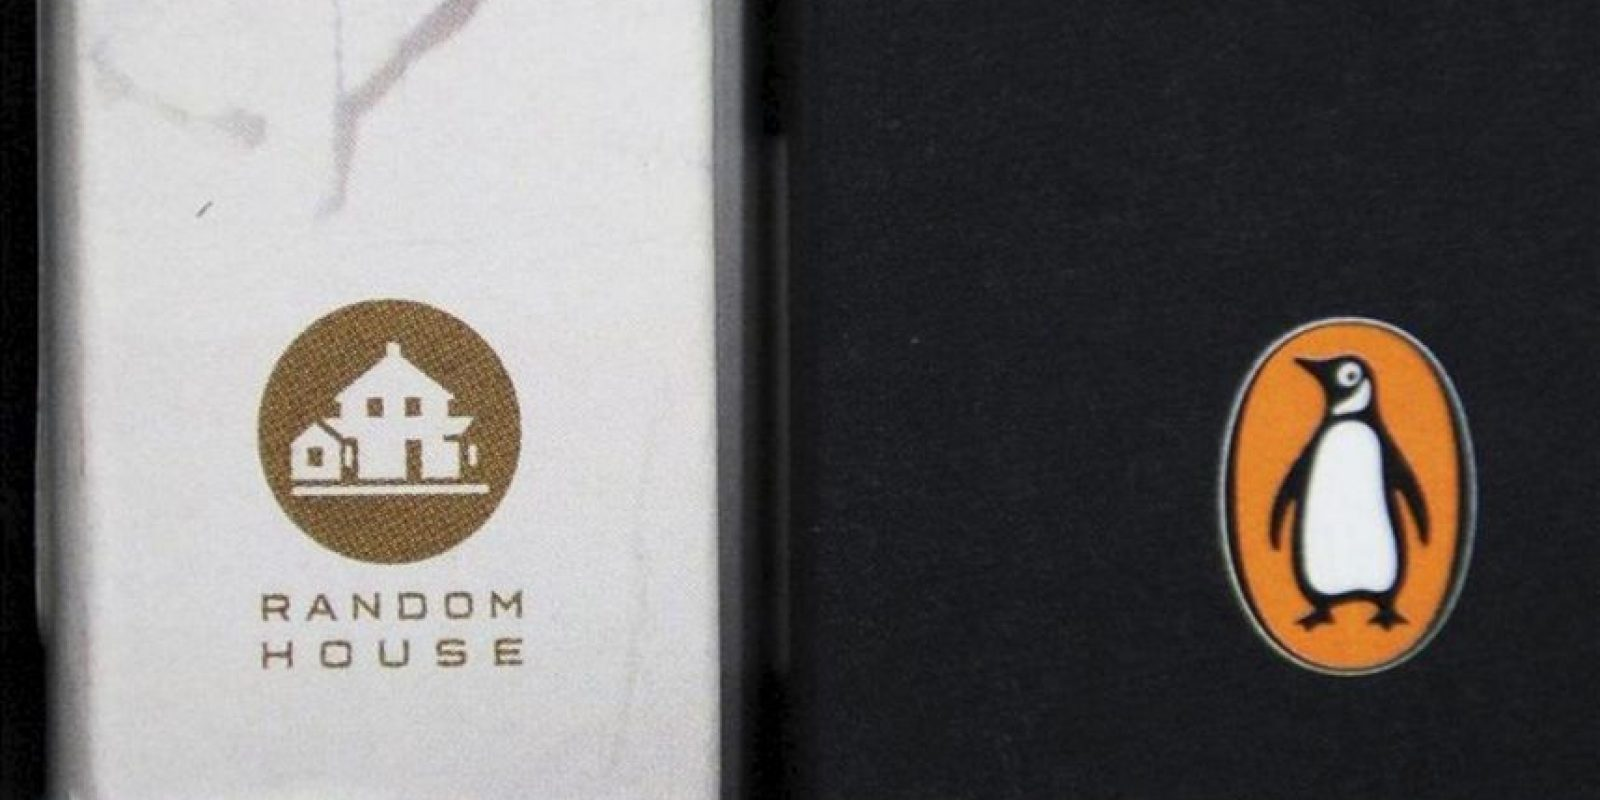 Un libro de la editorial Penguin (der), junto a otro libro de la editorial Random House (izq) expuestos en una estantería de una librería de Londres (Reino Unido). EFE